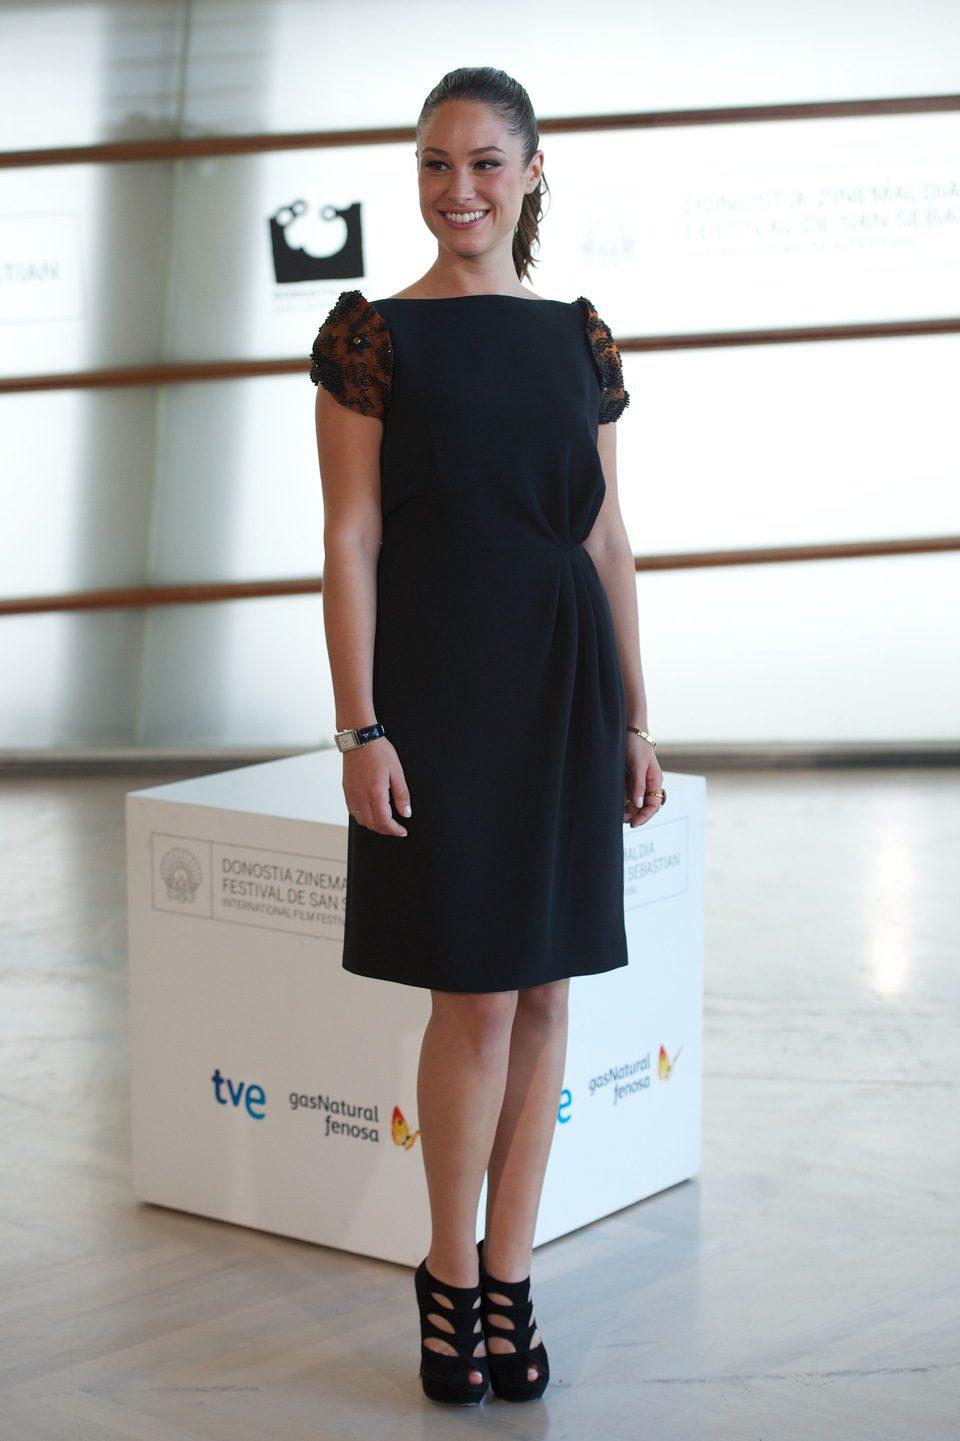 Aida Folch en el Festival de San Sebastián 2012